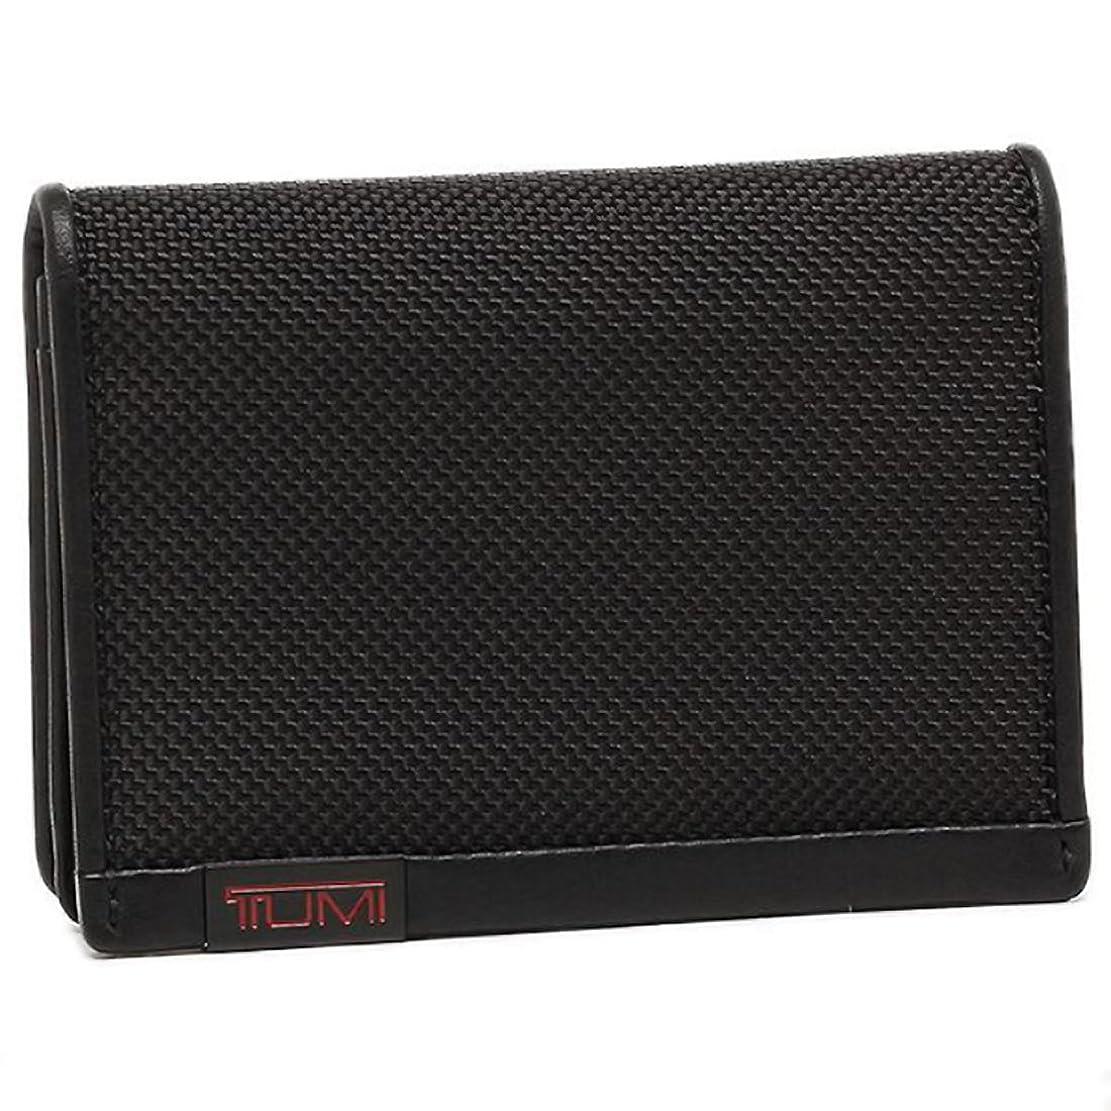 二年生既婚統計的(トゥミ) TUMI トゥミ カードケース TUMI 119256 DID GUSSETED CARD CASE WITH ID 定期入れ?パスケース BLACK [並行輸入品]